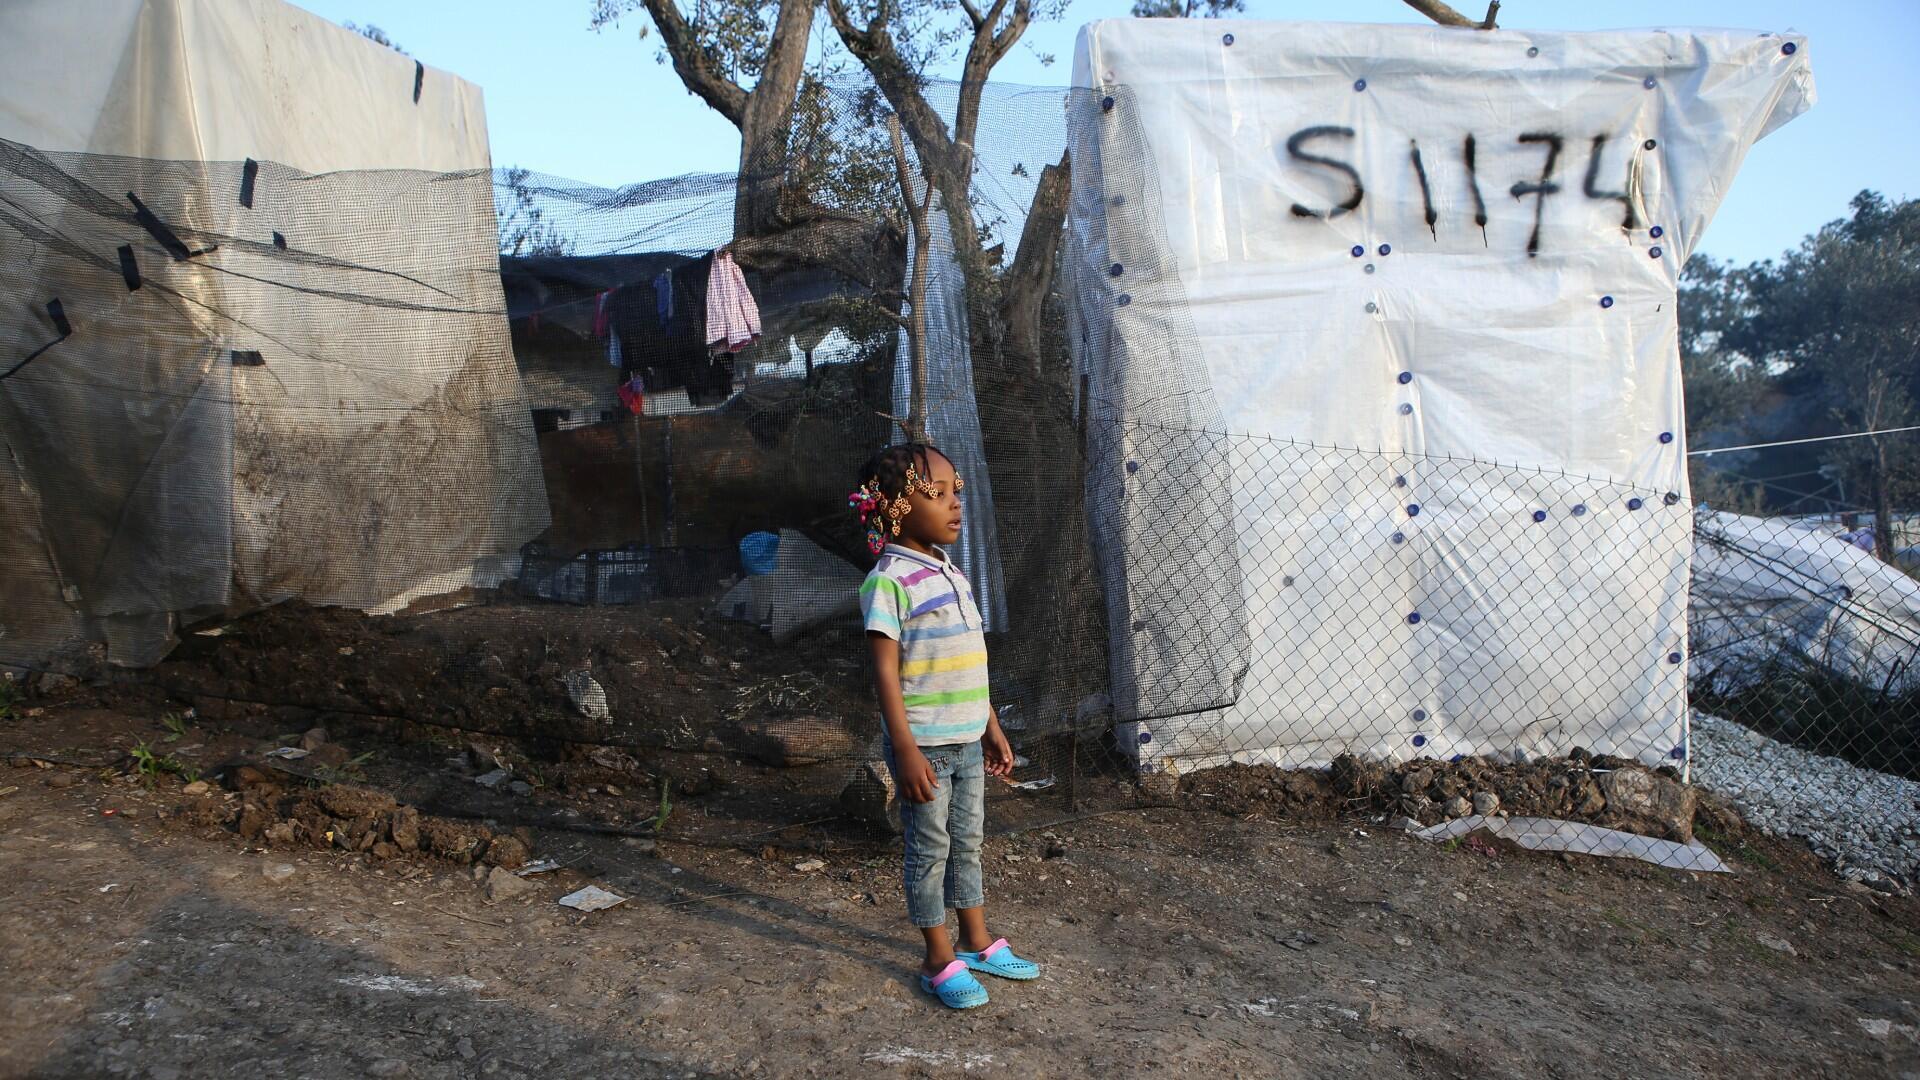 Los niños están cubiertos con mantas y mantas térmicas después de que los inmigrantes de Afganistán llegaron a un bote en una playa cerca del pueblo de Skala Sikamias en la isla de Lesbos, Grecia, el 28 de febrero de 2020.